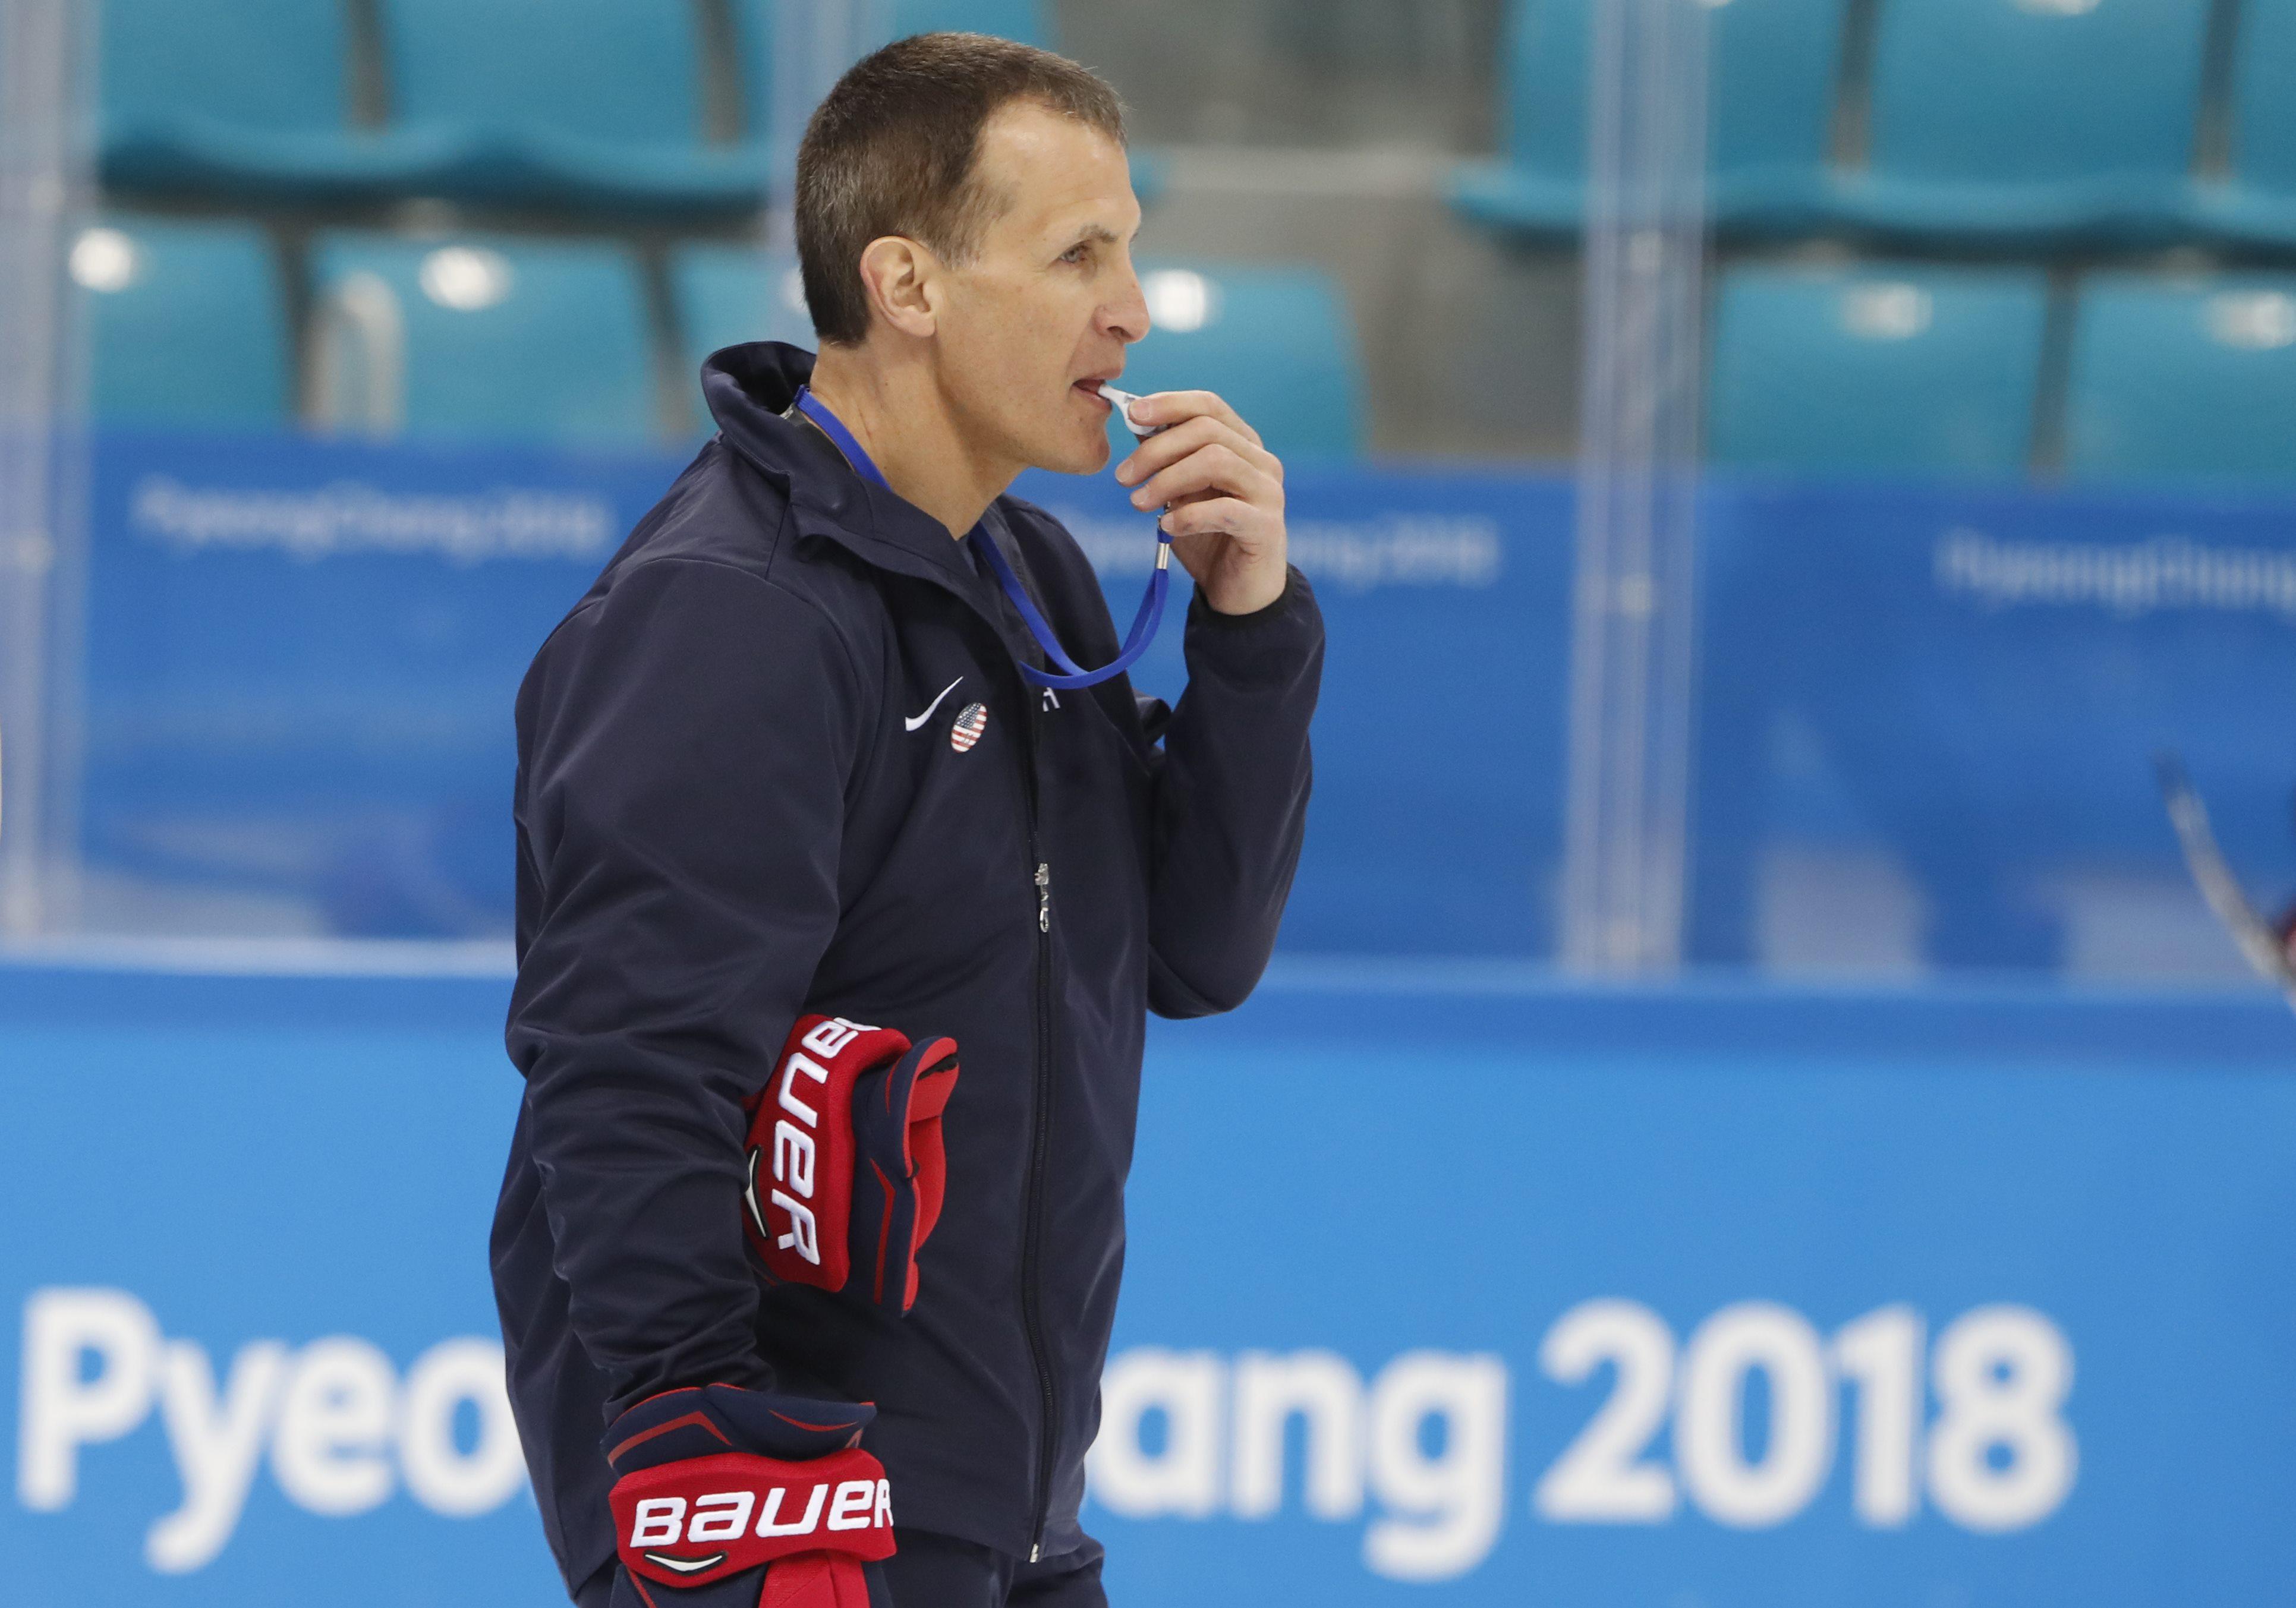 男子冰球總教練格拉納多。路透